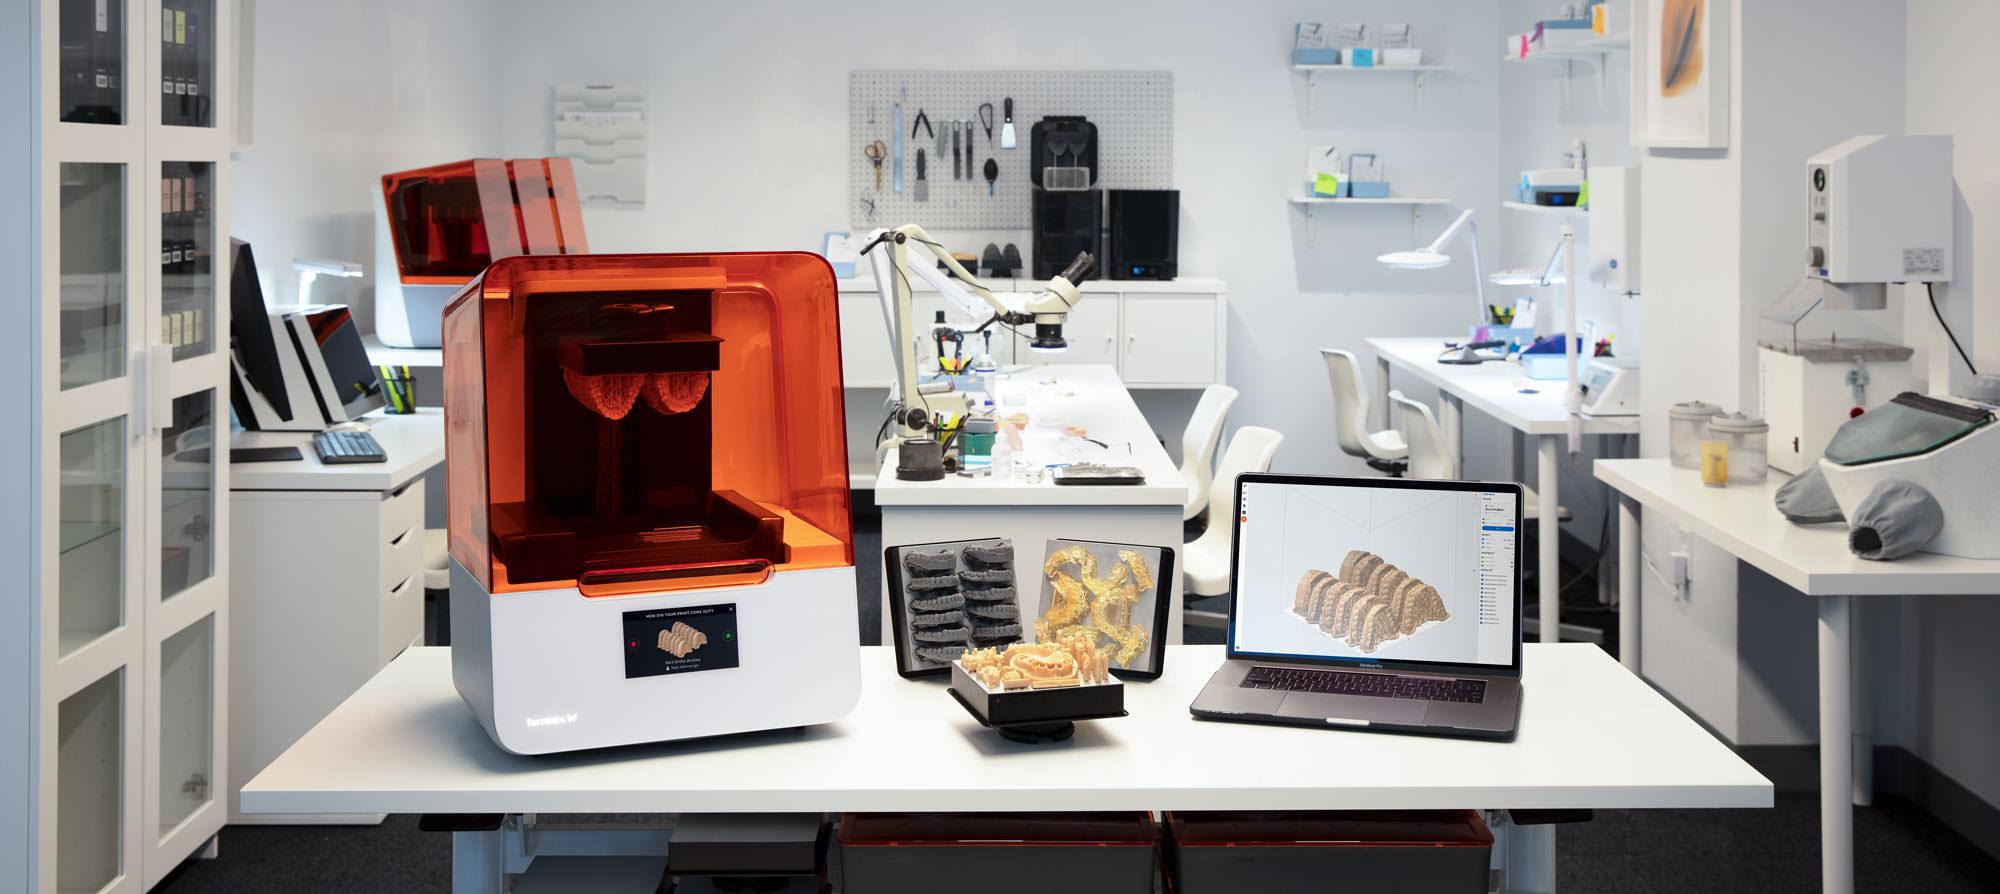 フォームラブズがドイツの歯科医療用樹脂メーカーのBEGOと業務提携